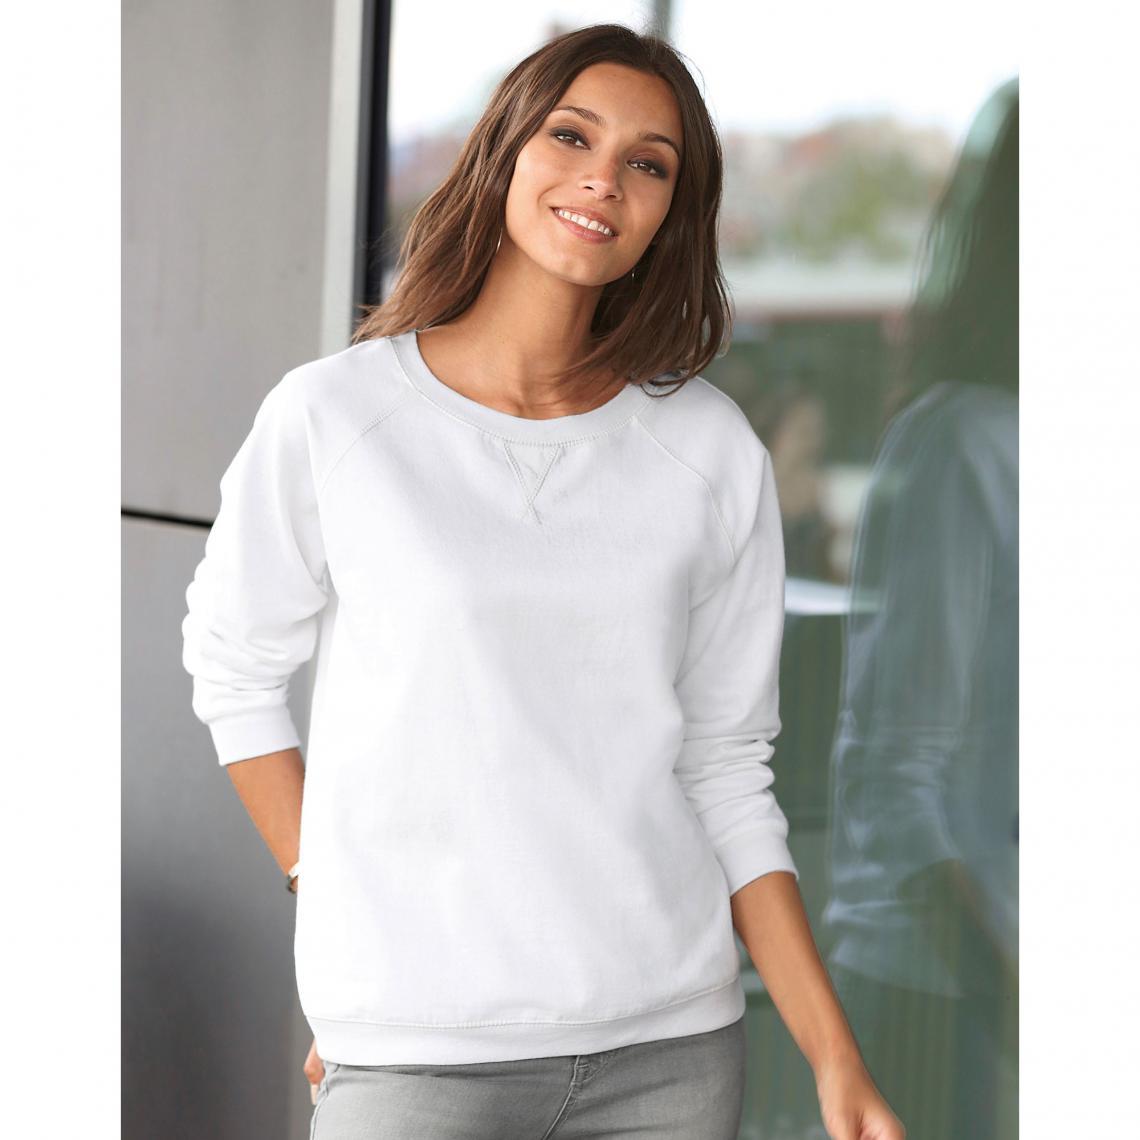 Sweat manches longues finitions bords-côtes femme Exclusivité 3SUISSES -  Blanc 3 Suisses Femme 17c036702d63